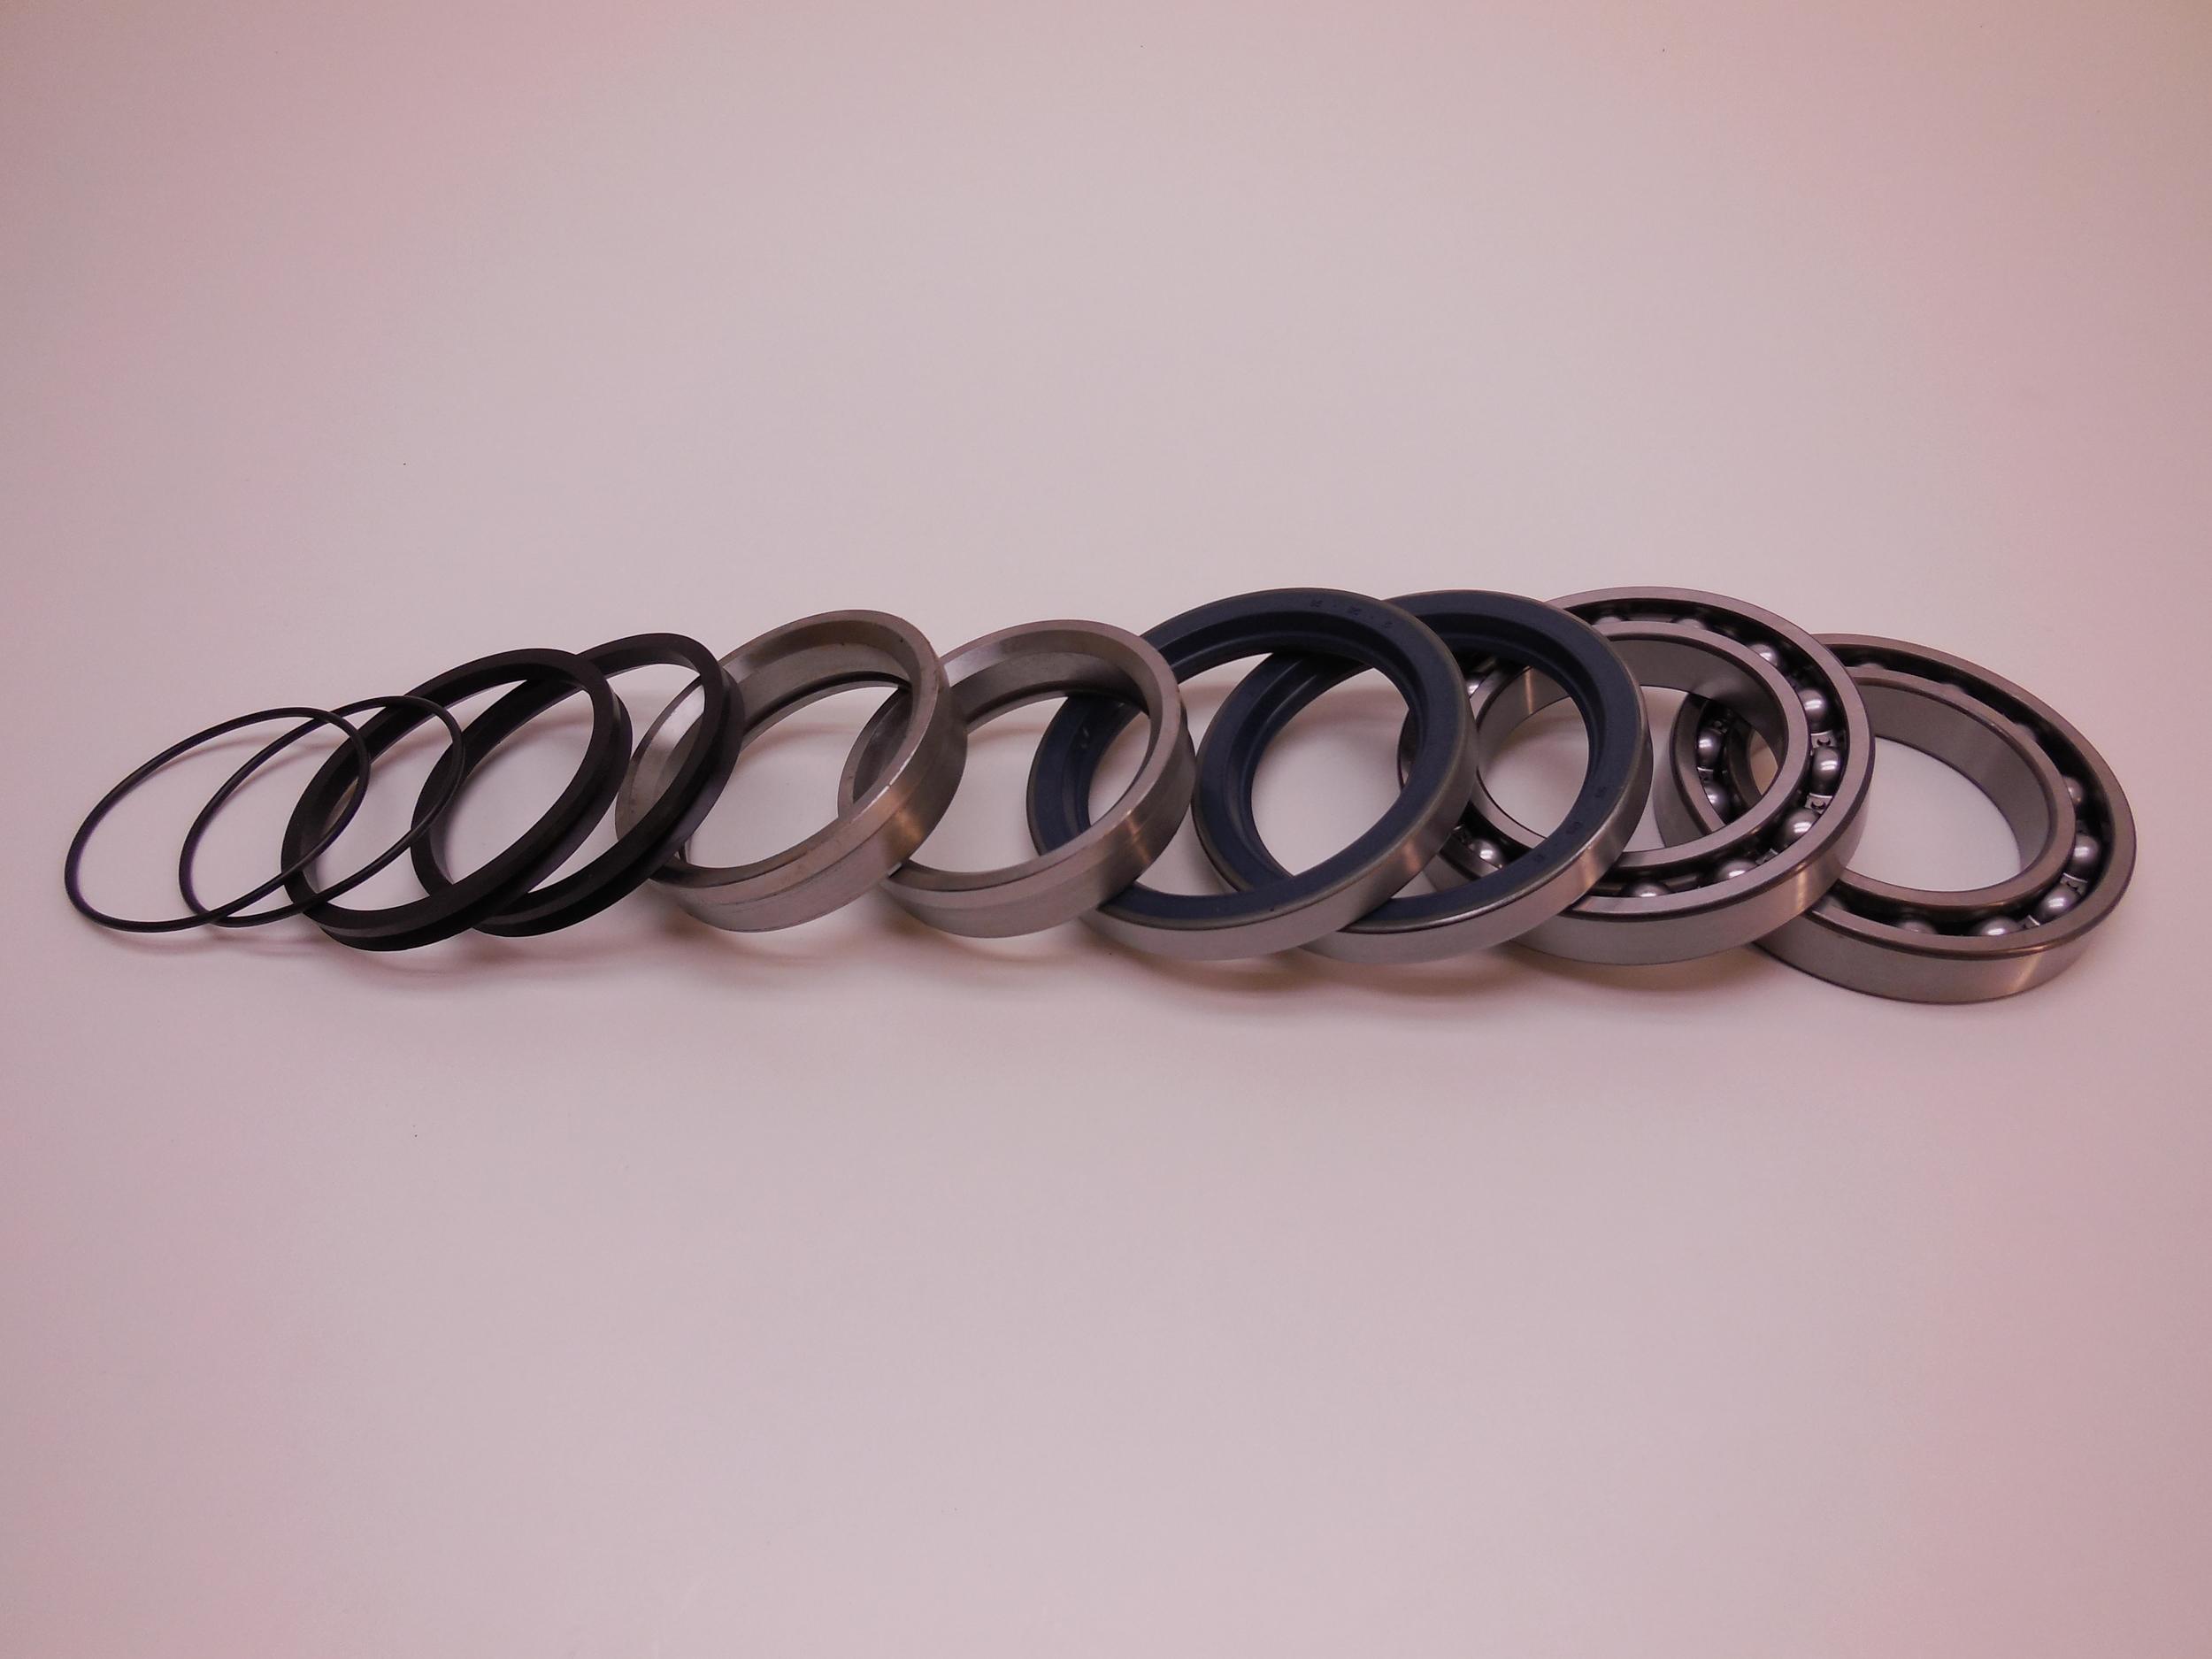 Sprocket Bearing Kit Häggo Nr: 253 6115-802 price: 2350 sek